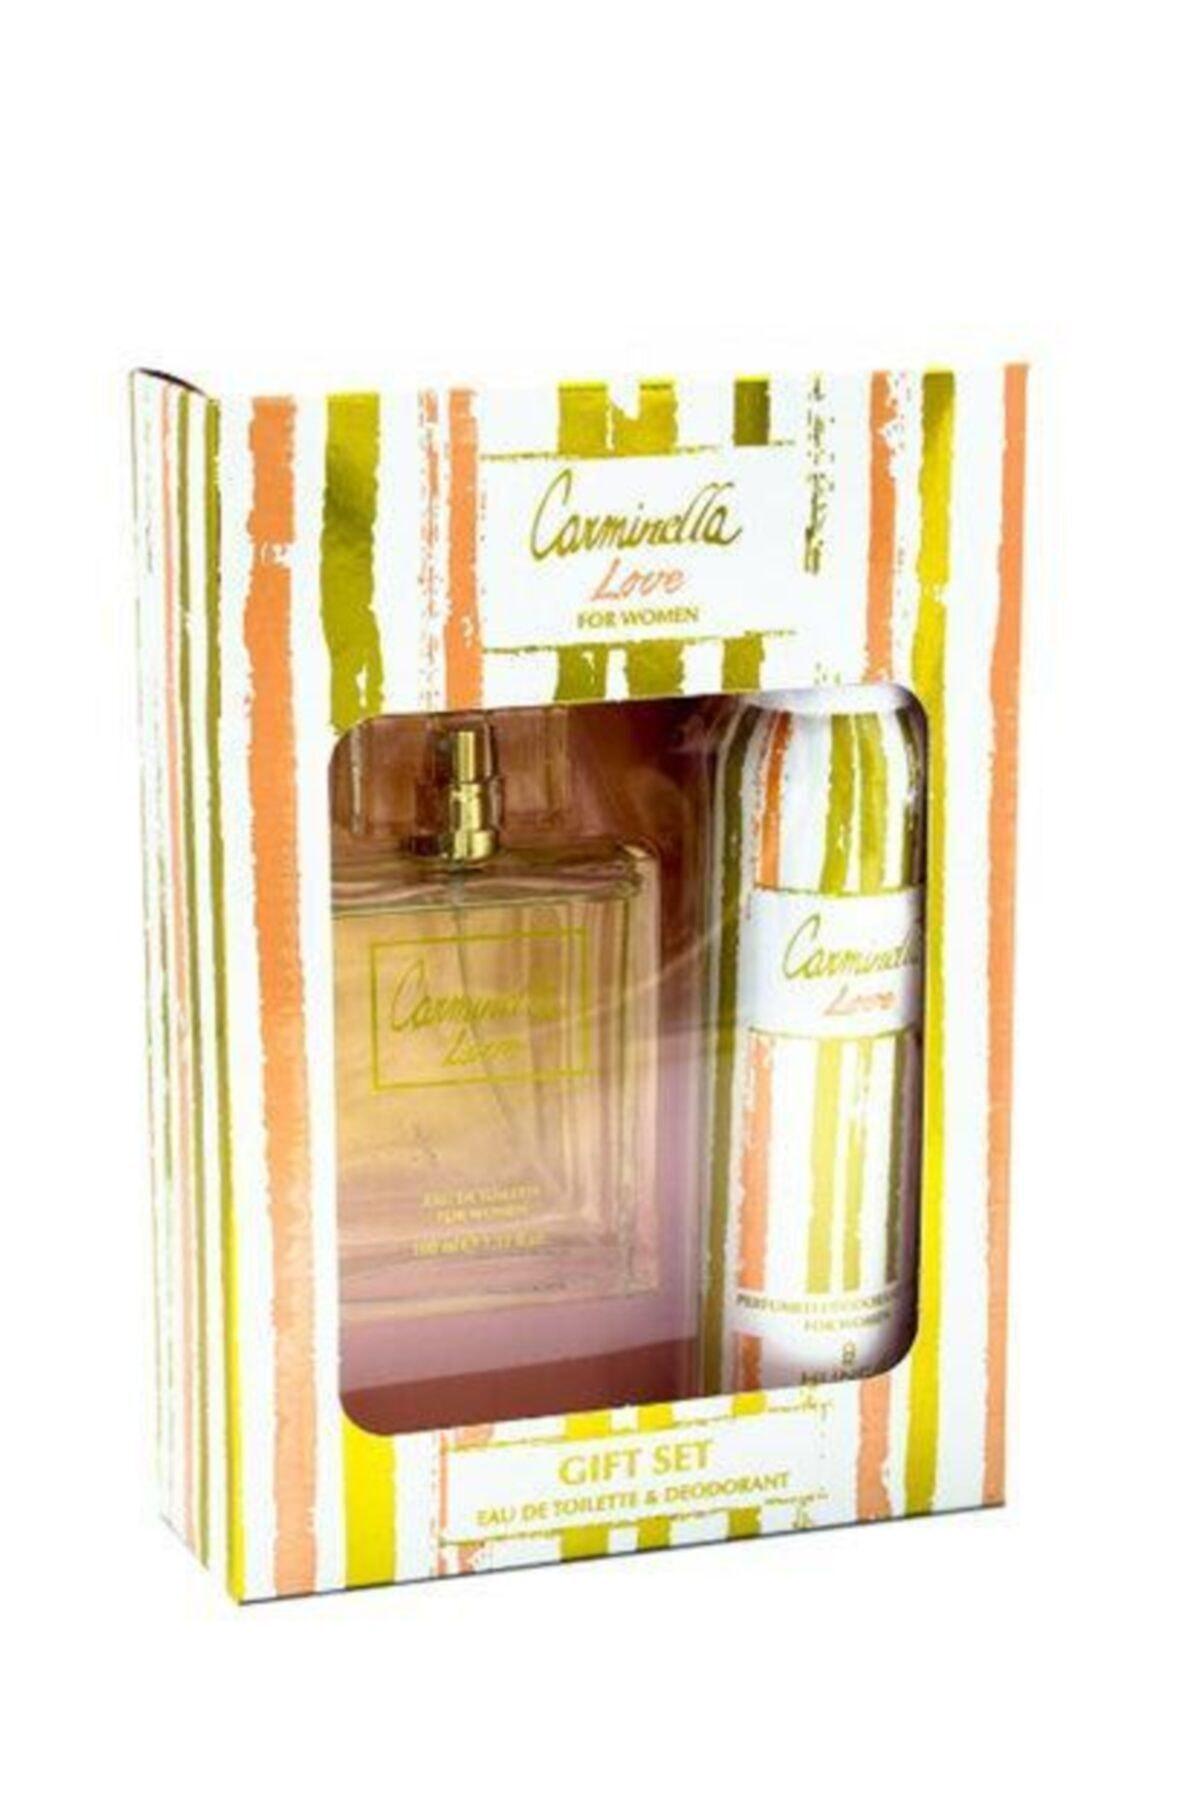 Carminella Love Edt 100 ml Kadın Parfüm Seti 9859869879881-3029 1